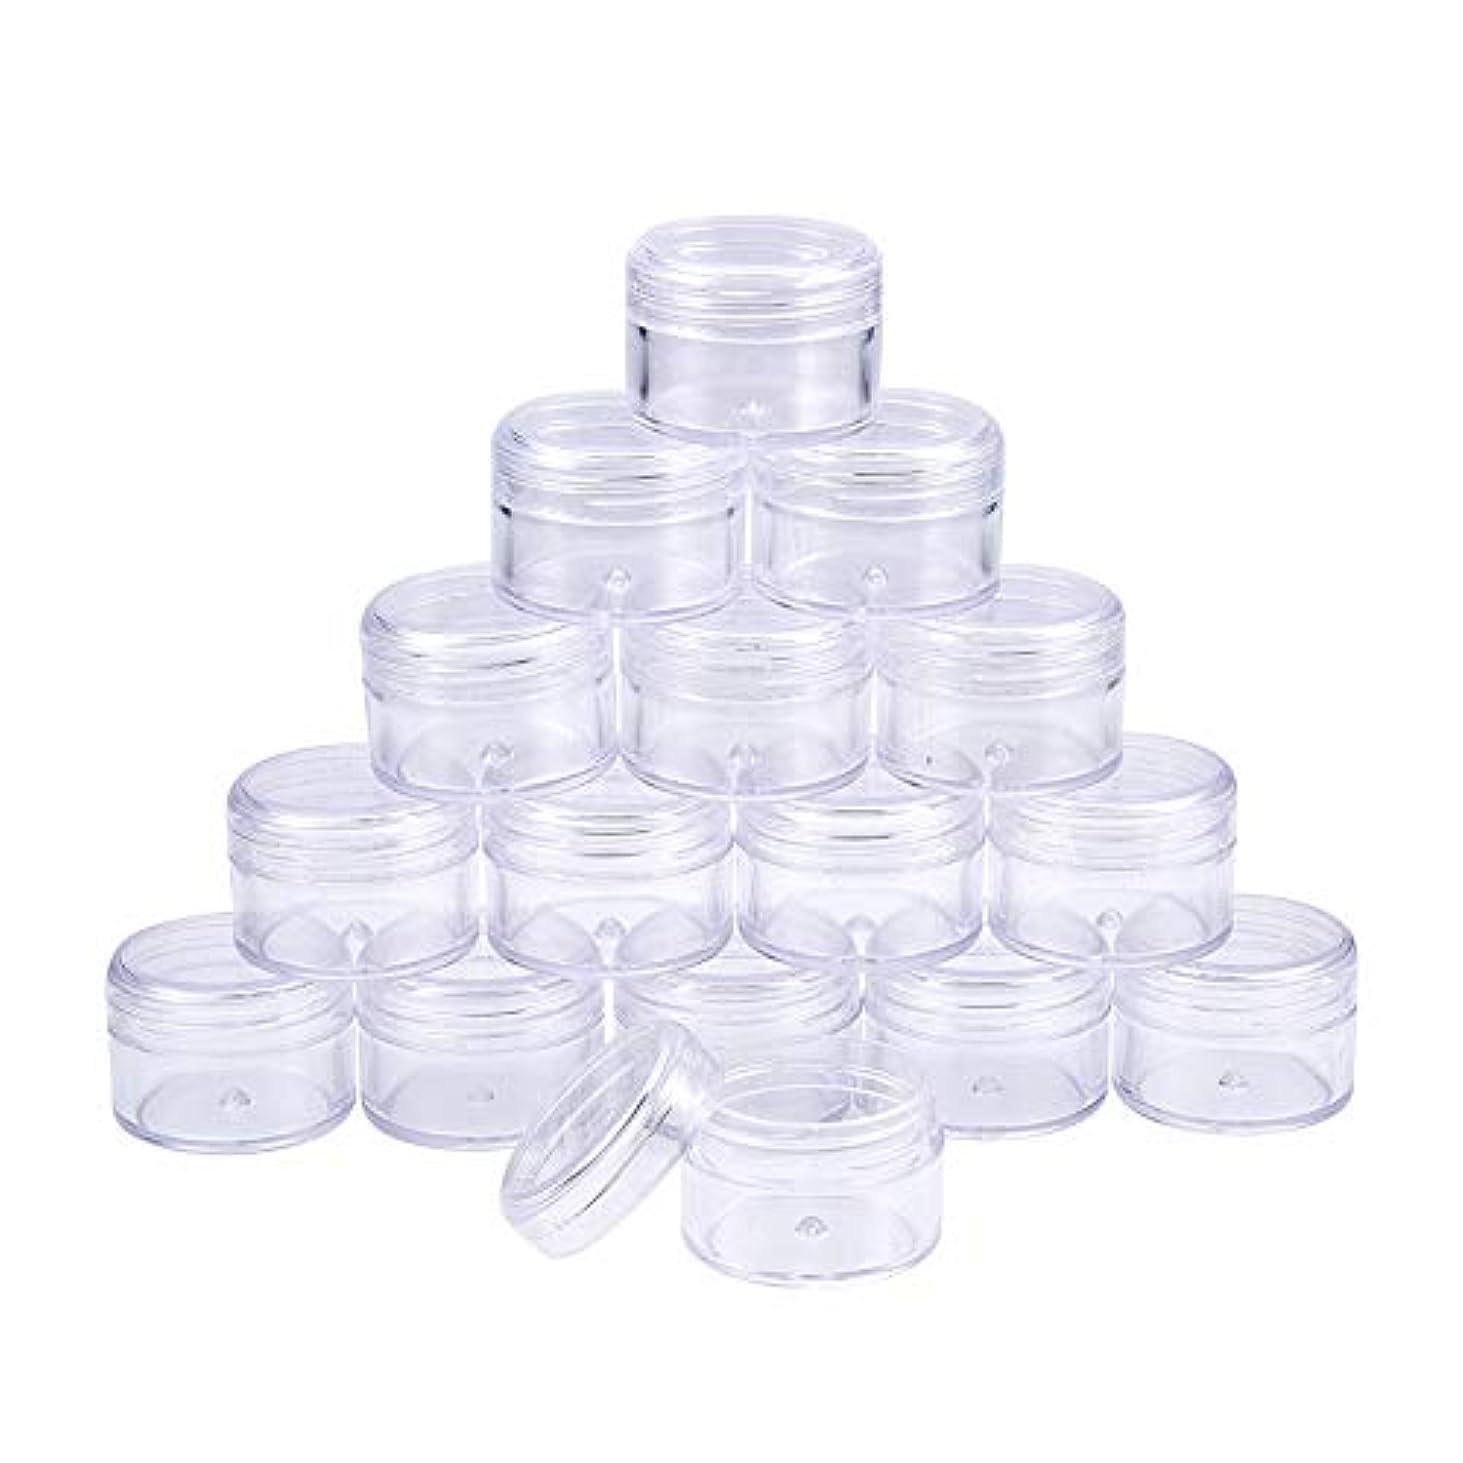 壮大干し草言うBENECREAT 16個セット25ml小分け丸ケース プラスチックケース アクセサリー ビーズ 化粧品 ネイルパーツ収納ボックス 詰め替え容器 小物収納ボックス クリア